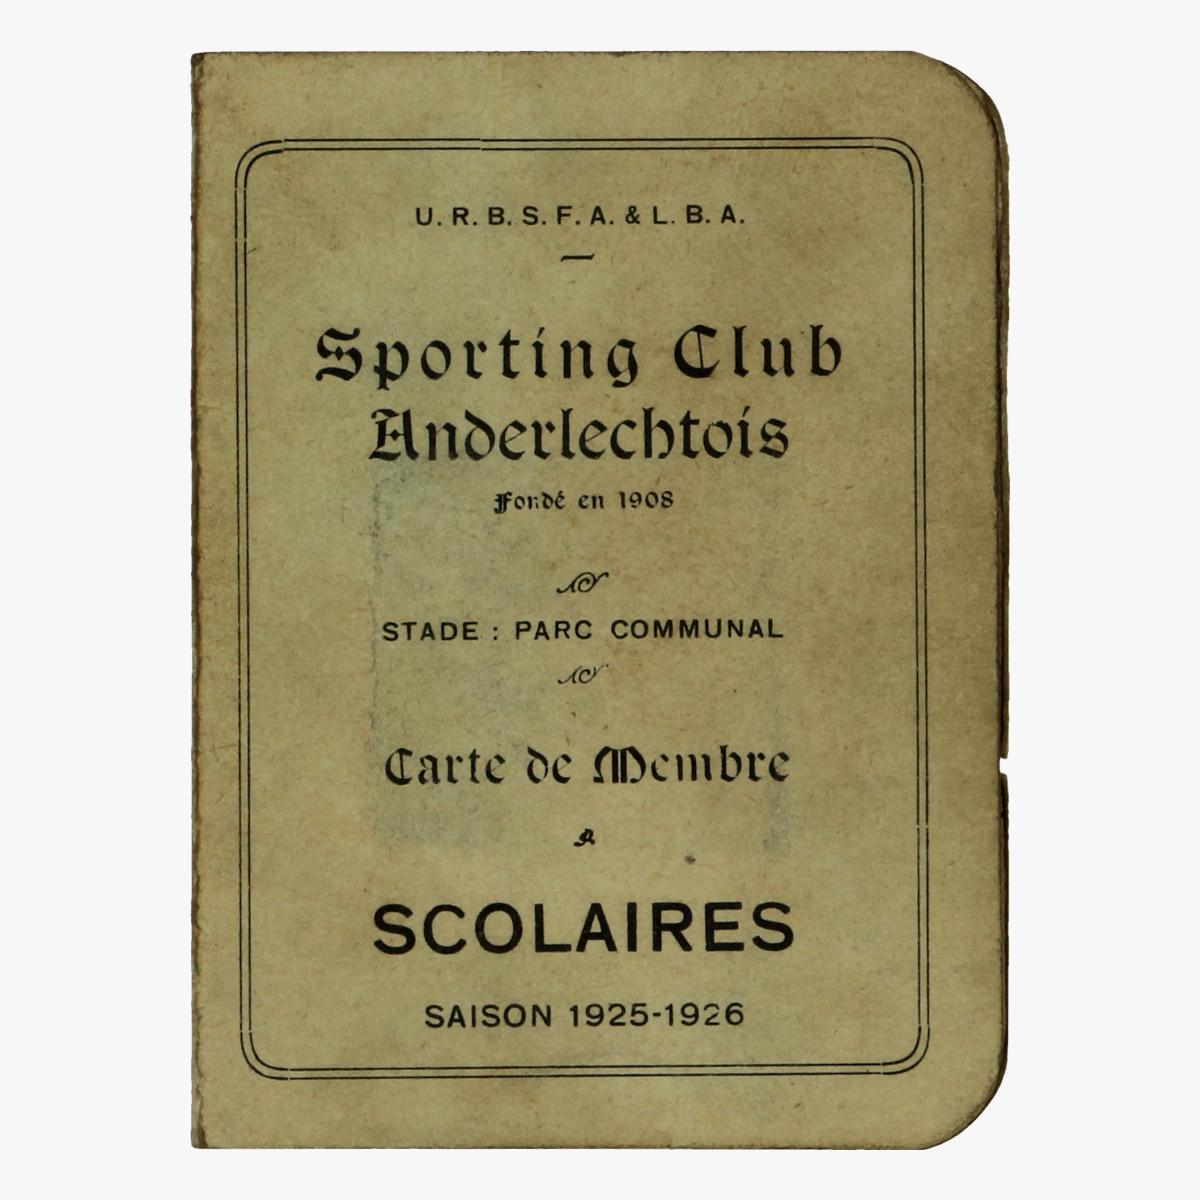 Afbeeldingen van voetbal sporting club anderlechtois carte de membre scolaire saison 1925 - 1926